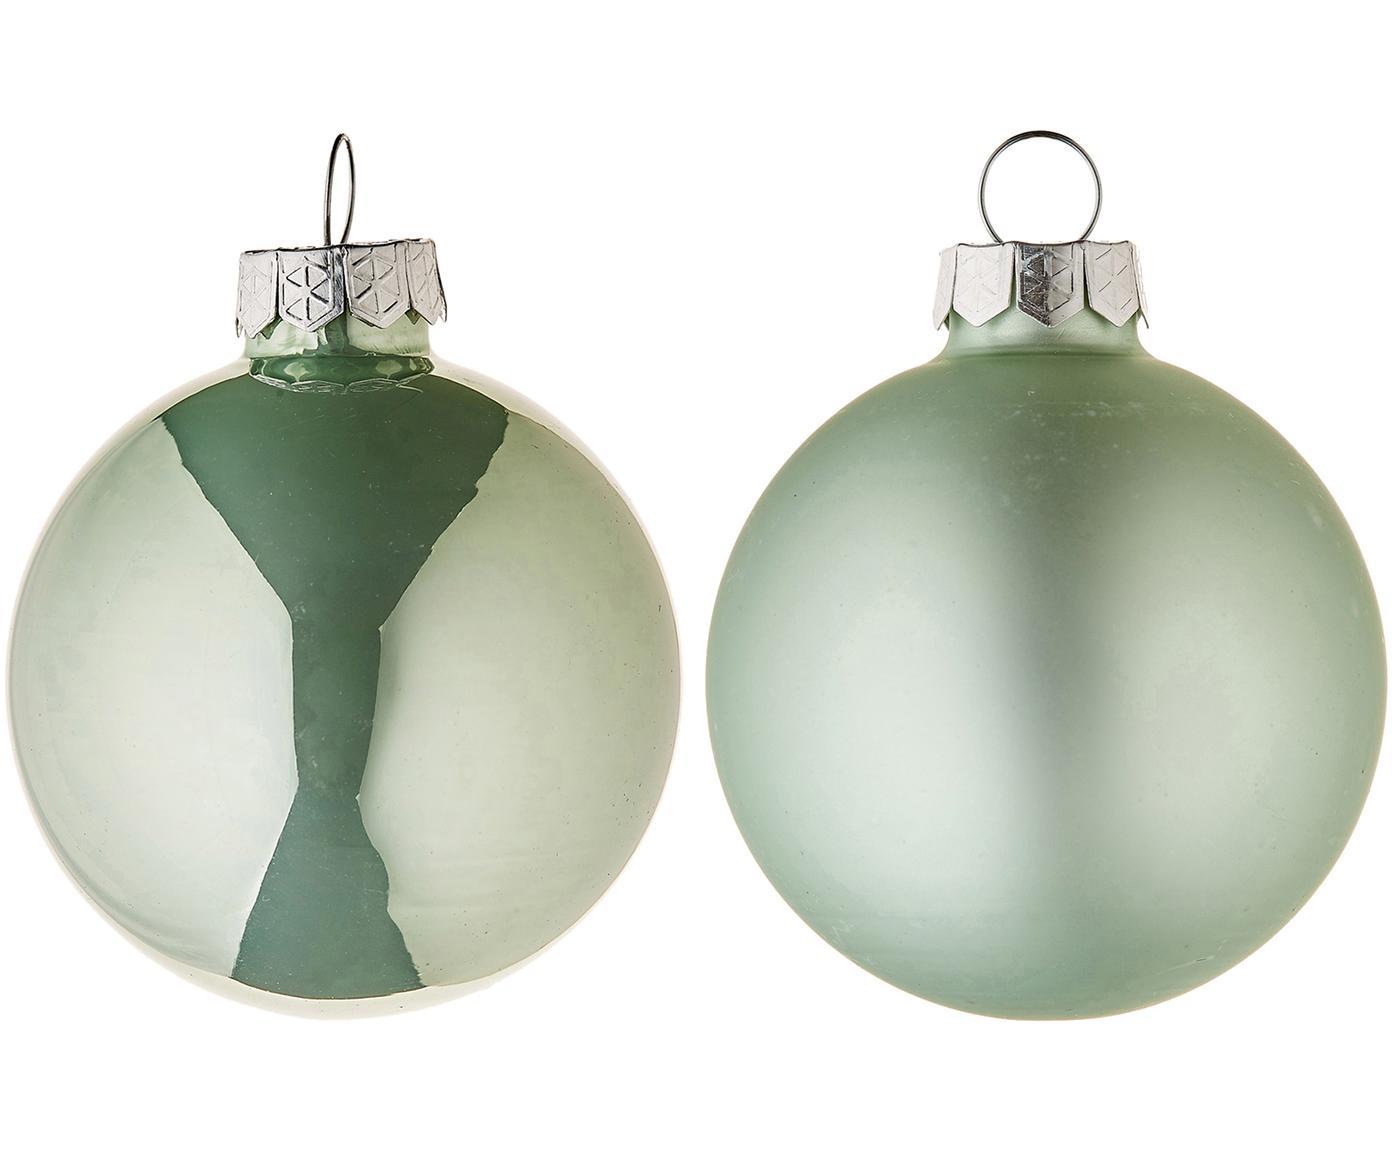 Weihnachtskugel-Set EvergreenØ6cm, 10-tlg., Grün, Ø 6 cm